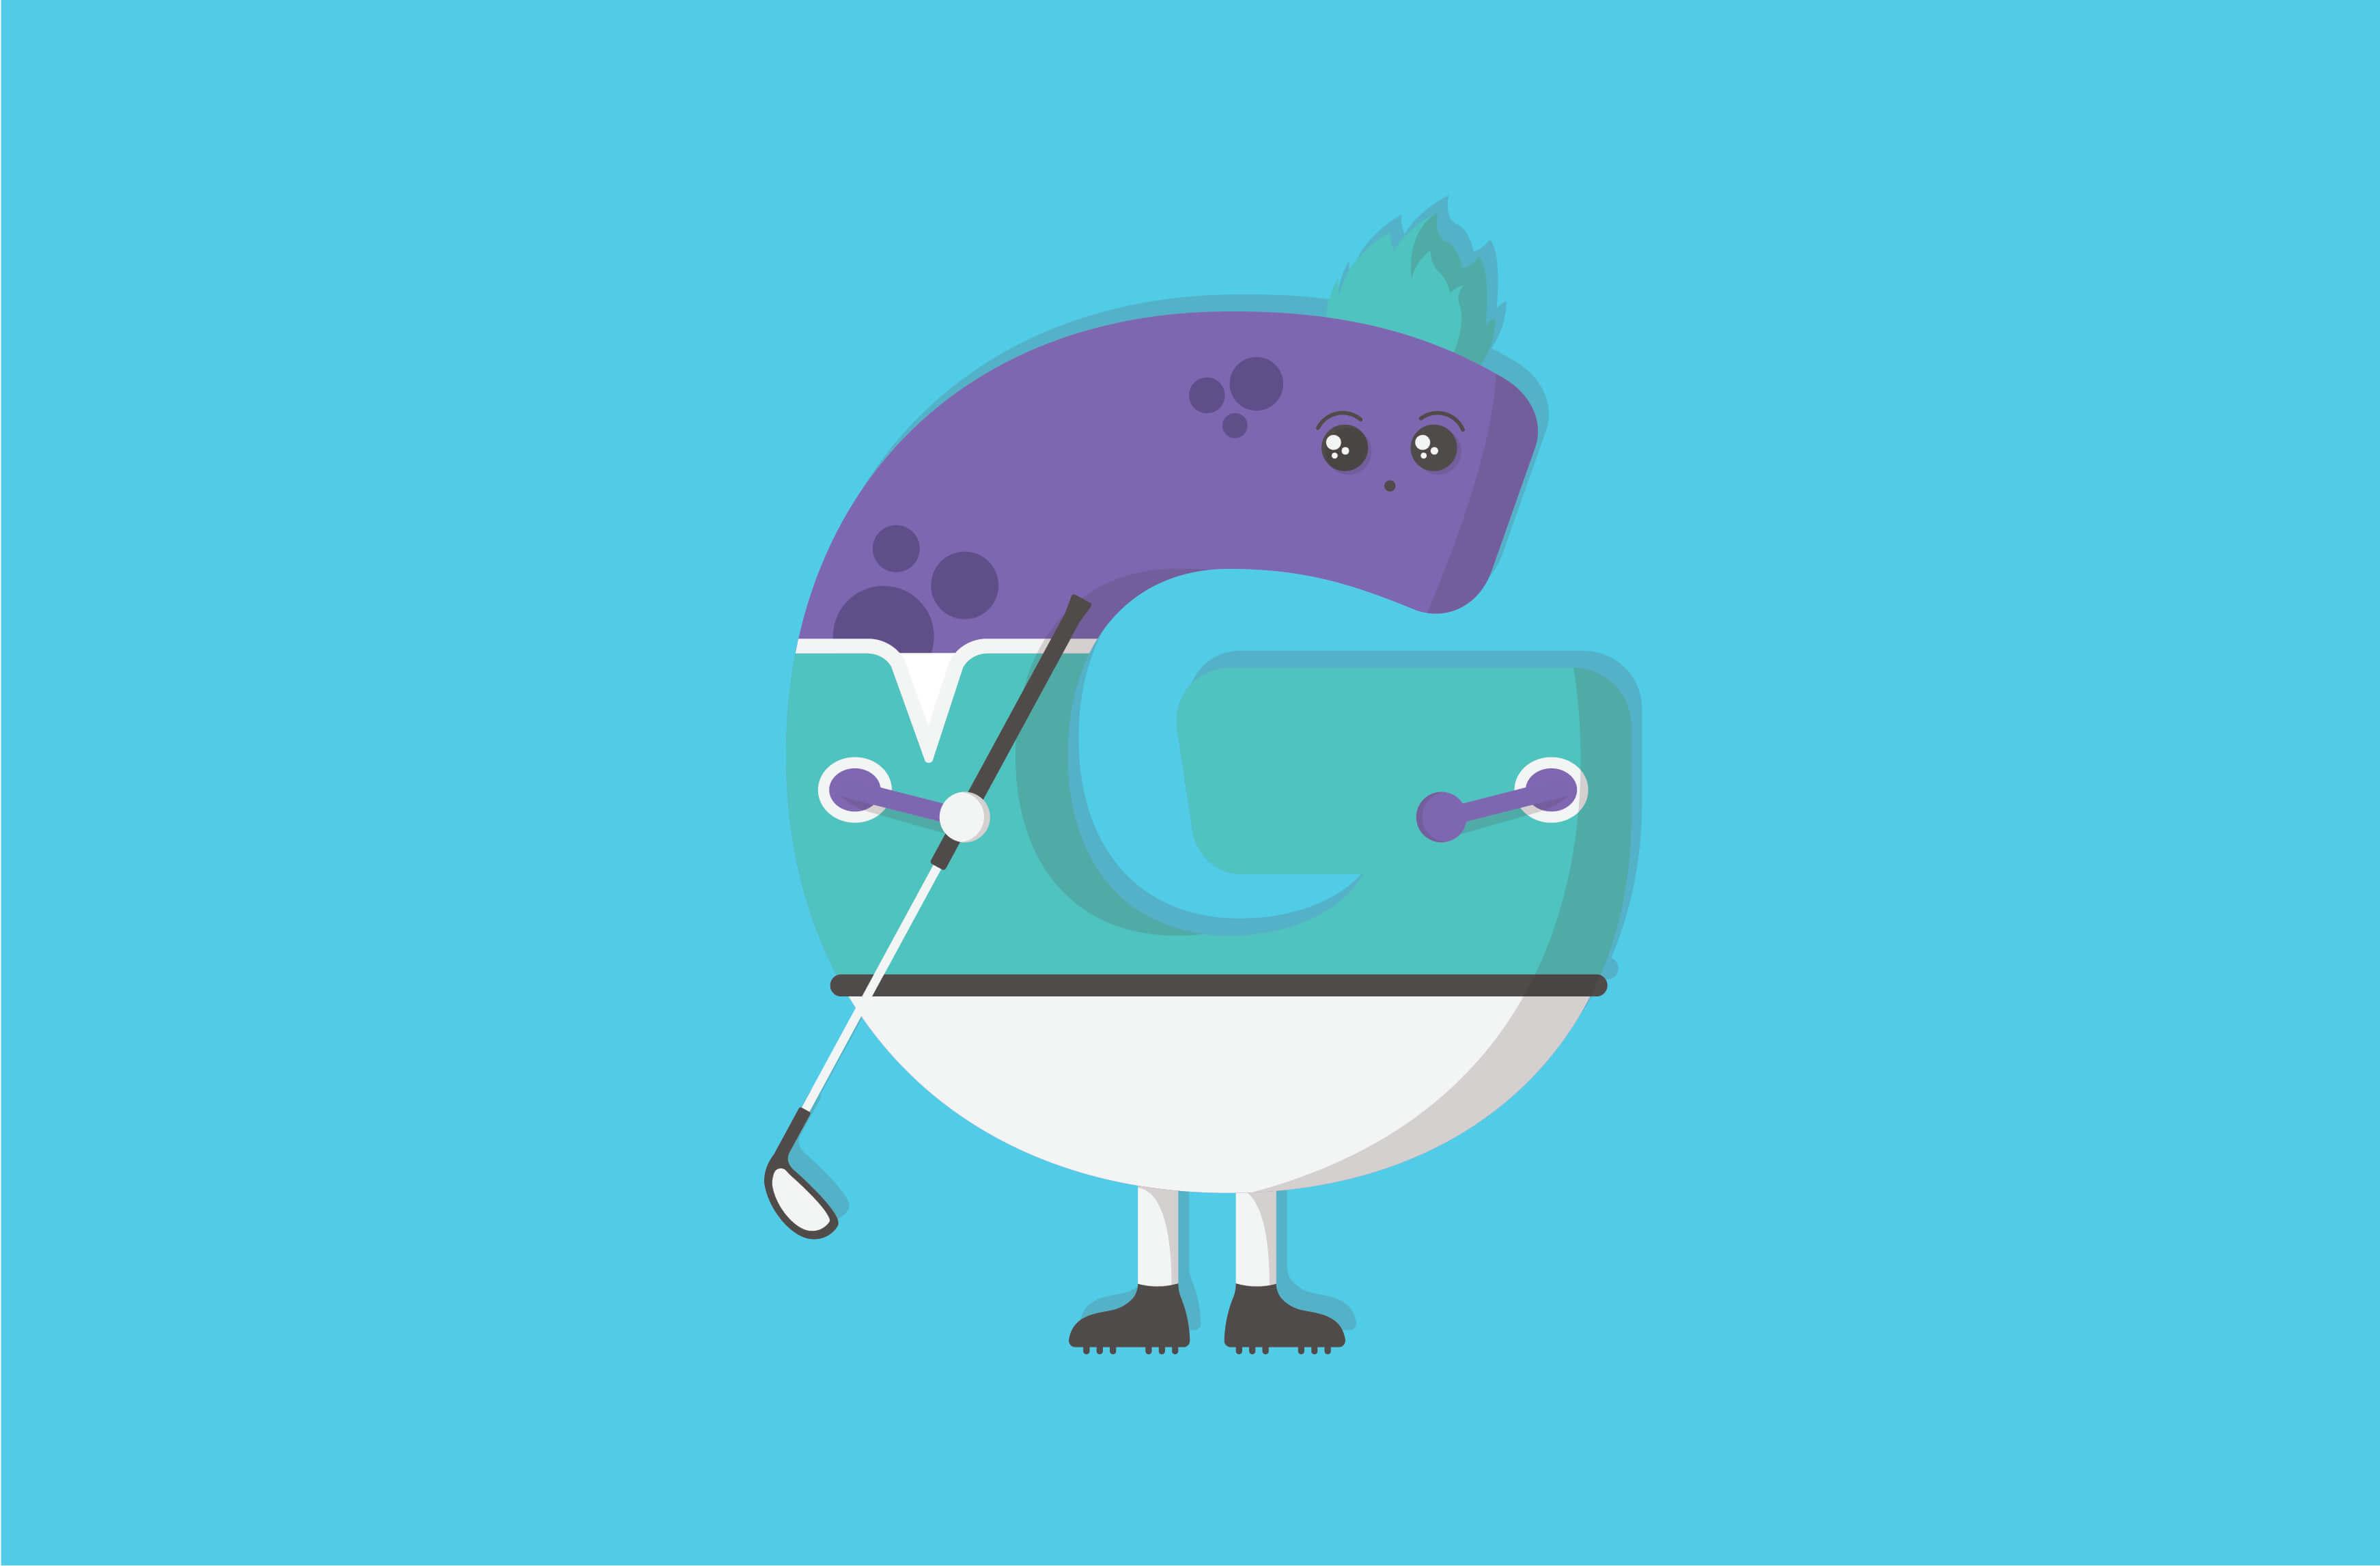 Golf monster character illustration